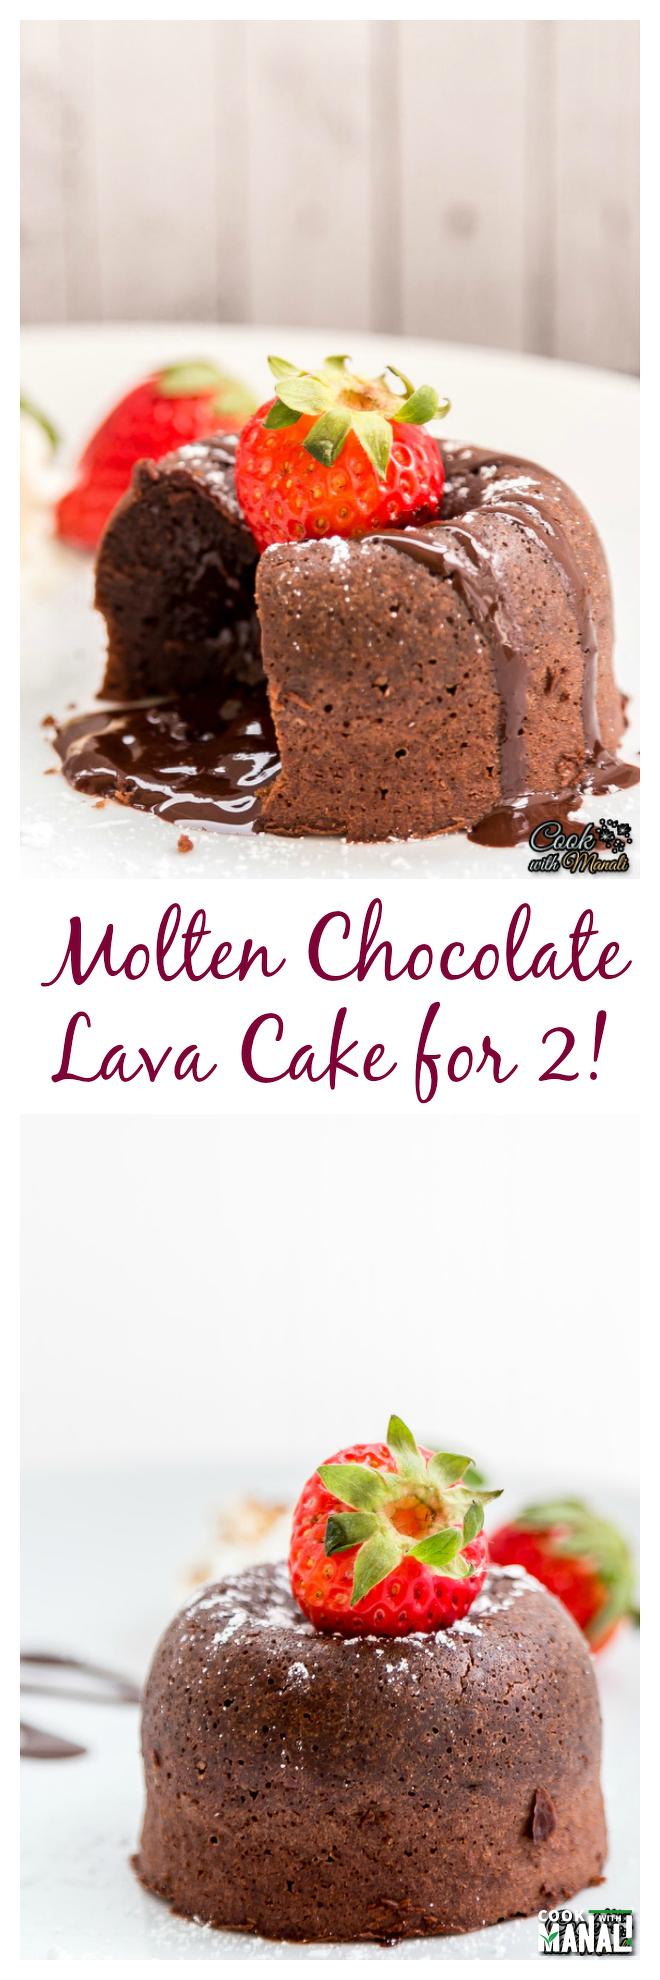 Molten-Lava-Cake-for-2-Collage